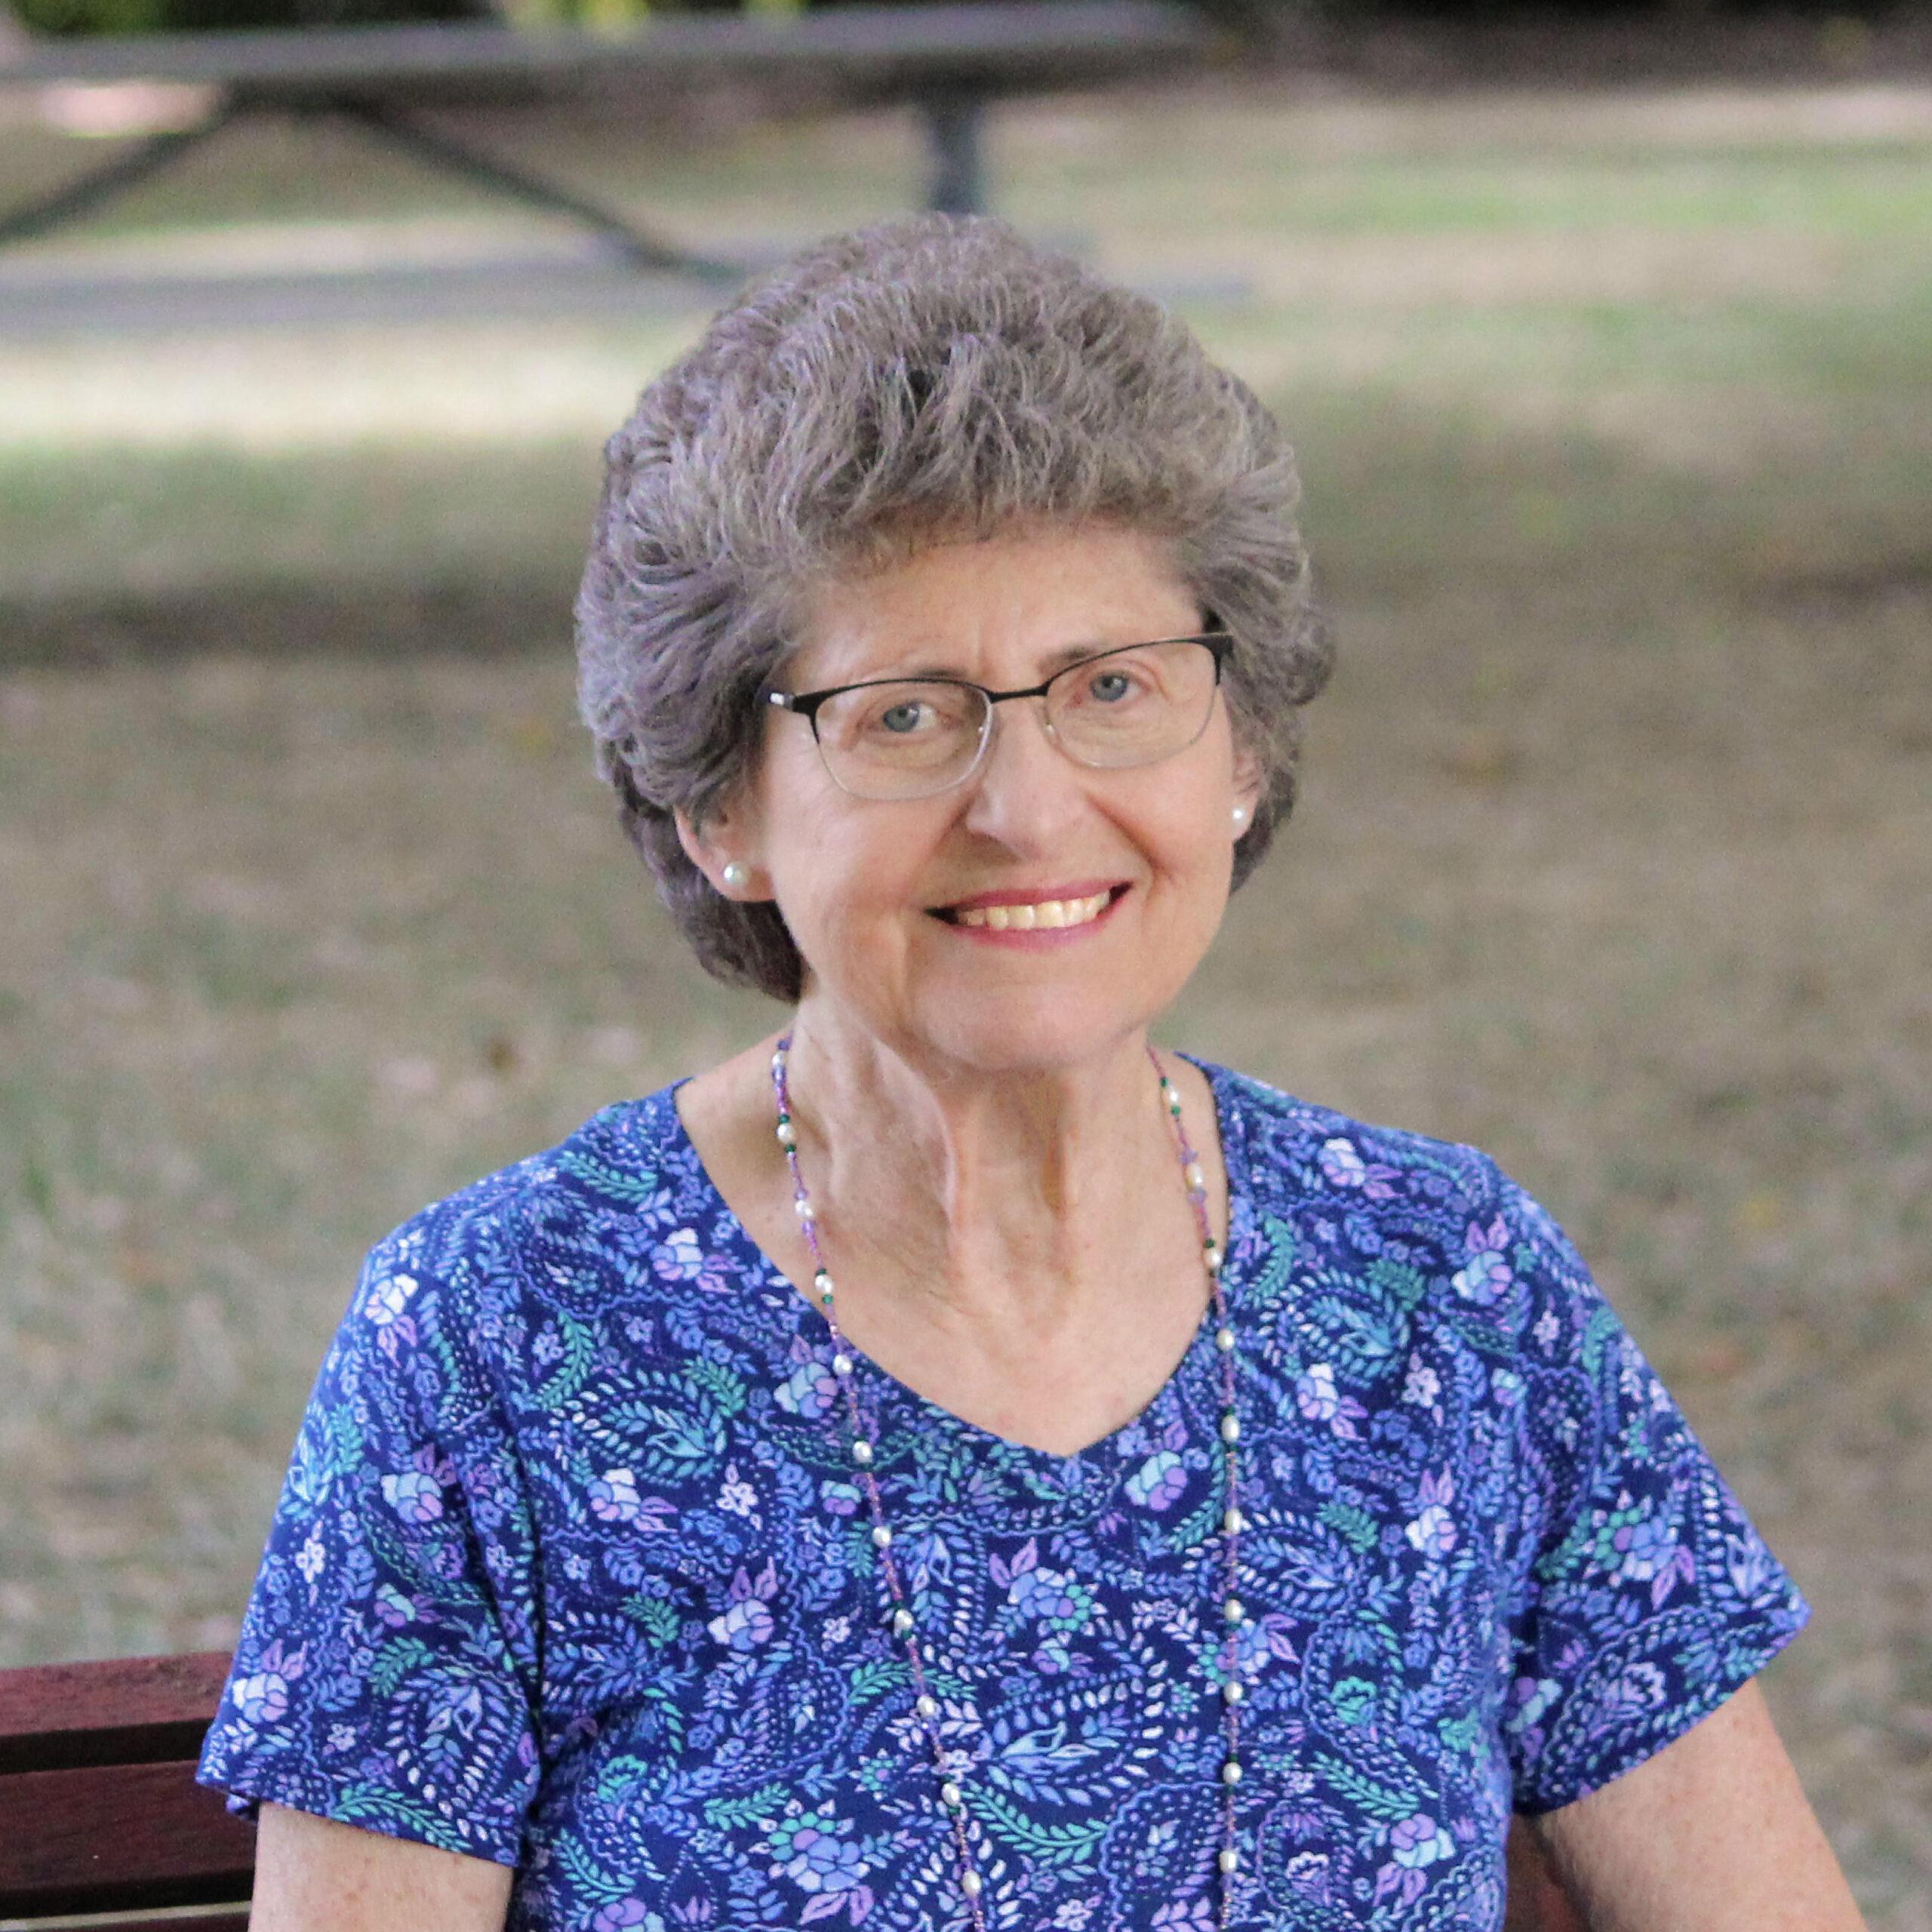 Joyce Moriera